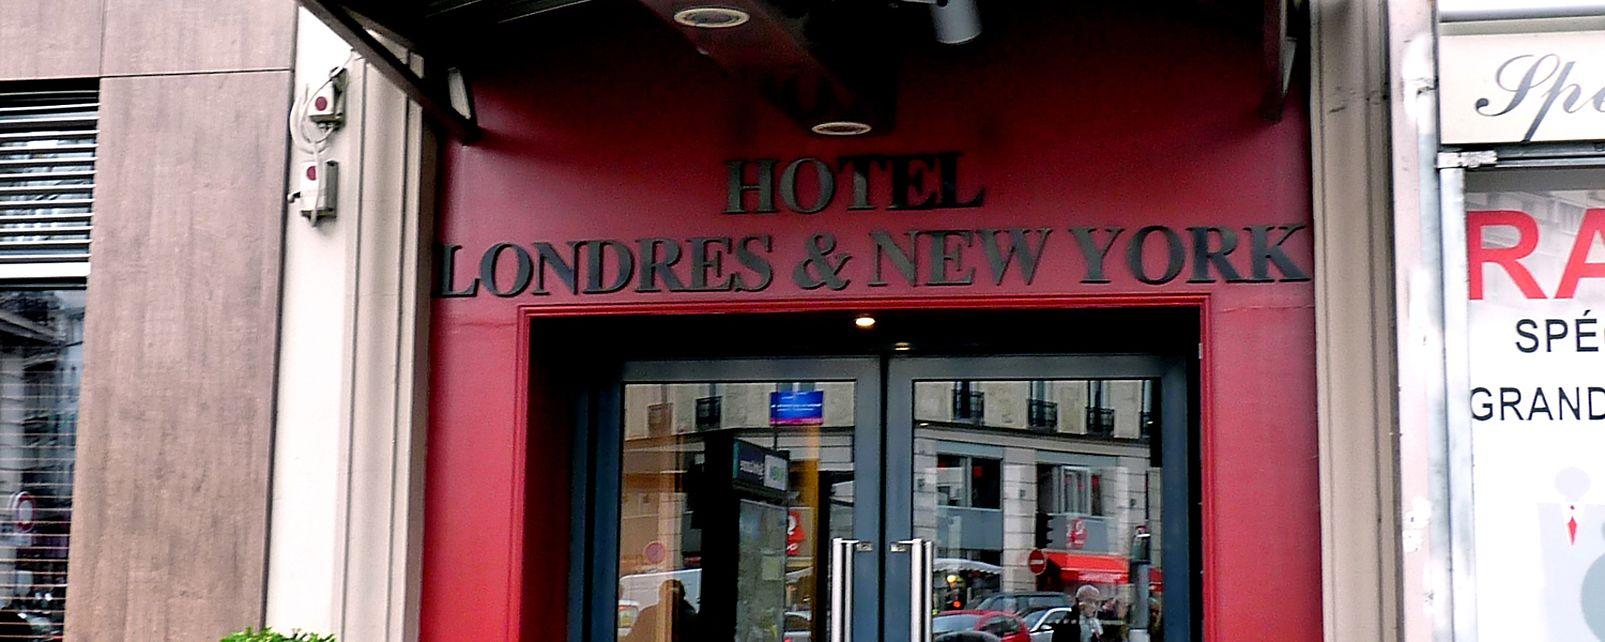 hotel londres and new york par s. Black Bedroom Furniture Sets. Home Design Ideas